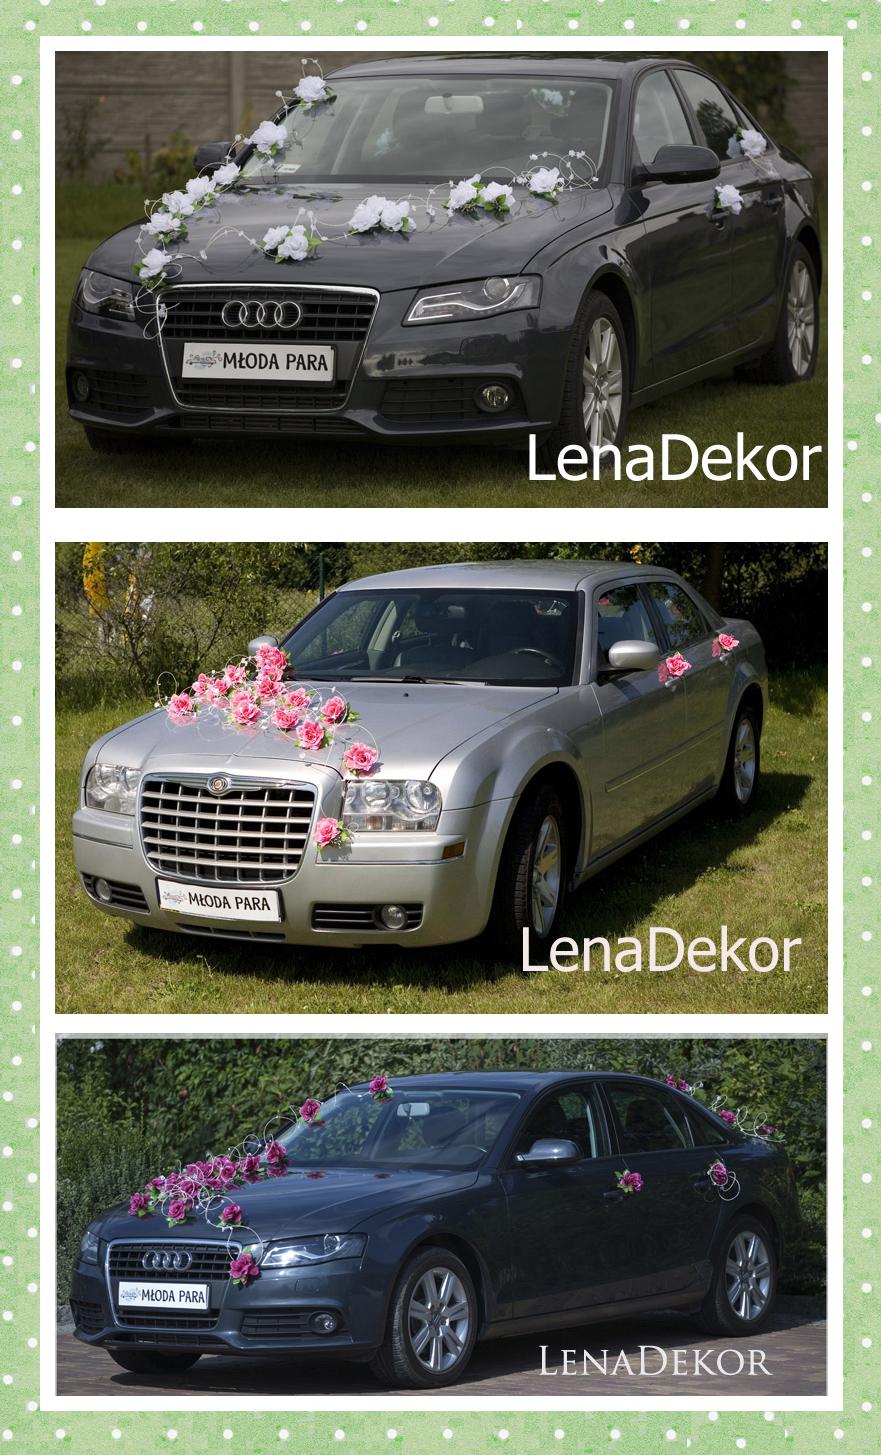 WENECJA biała - zestaw dekoracyjny na samochód